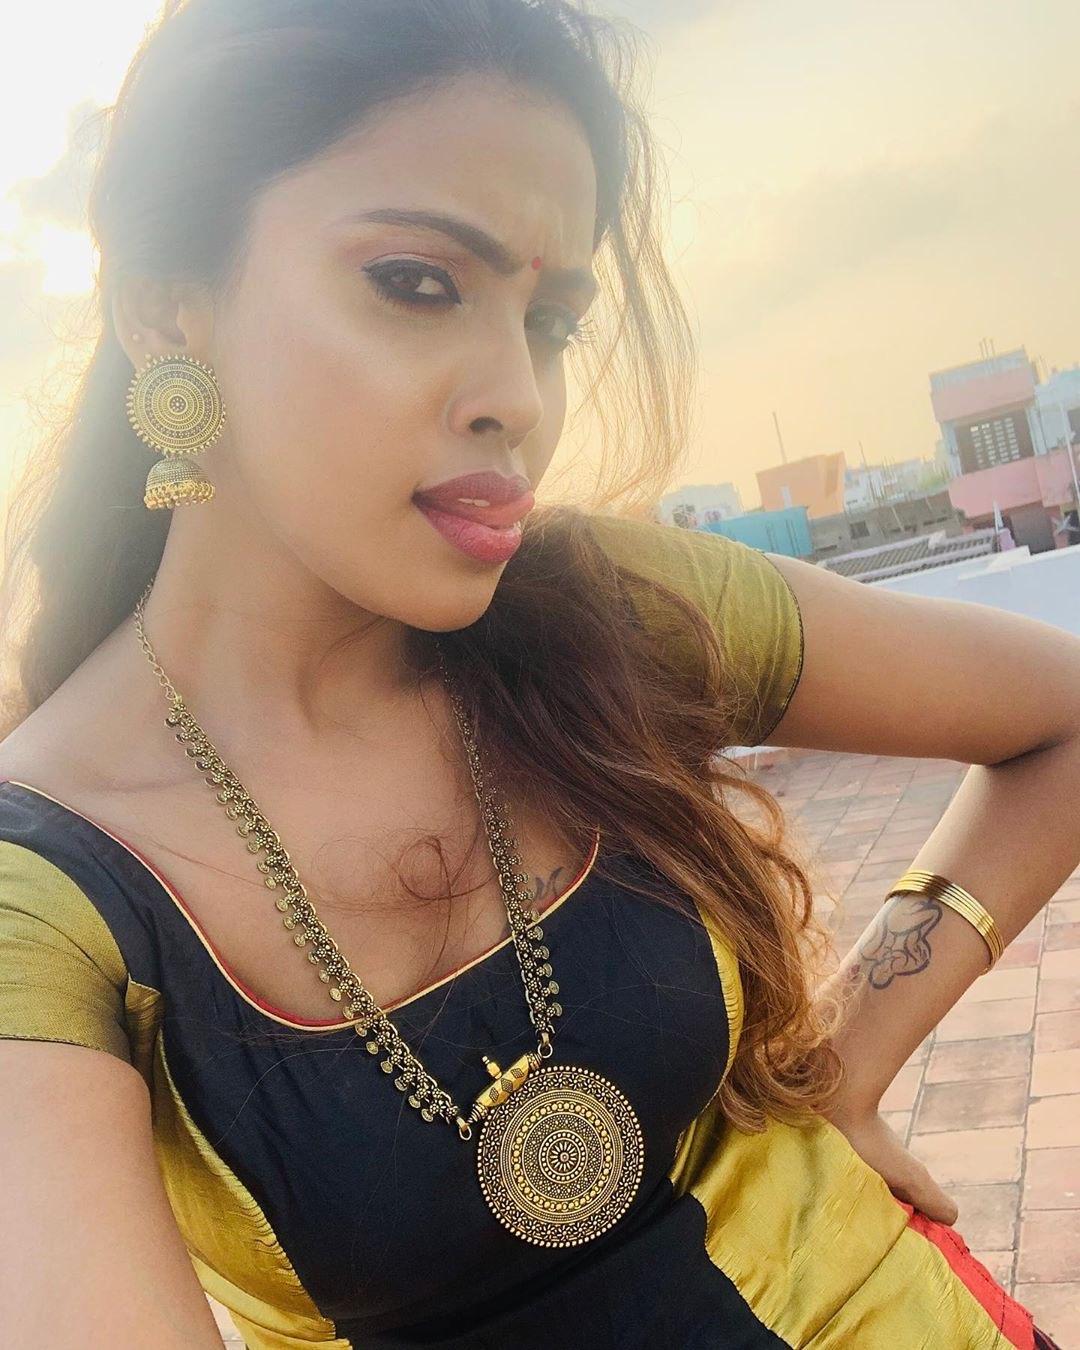 Actress Srinikha in Pattu Pavadai Sattai - South Indian Actress - Photos and Videos of beautiful actress -